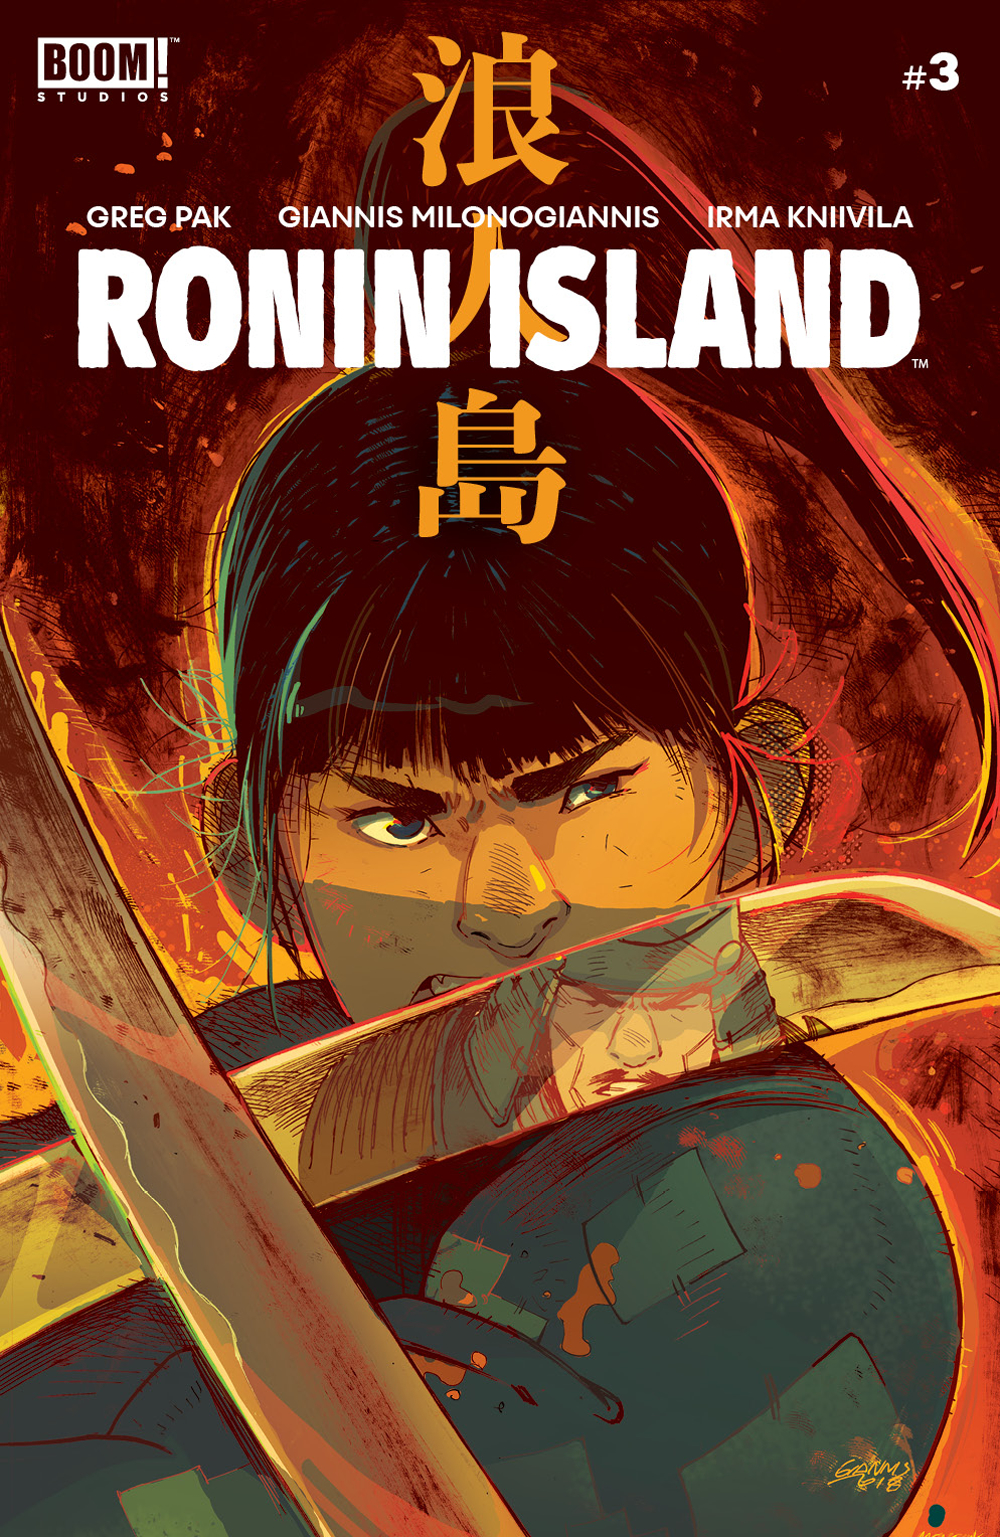 RONIN ISLAND #3 MAIN